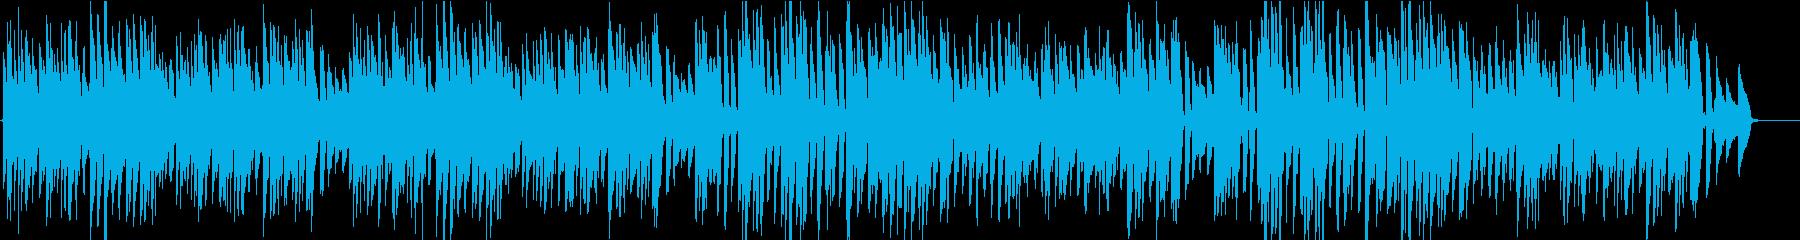 バッハ/メヌエット2/へたっぴバイオリンの再生済みの波形